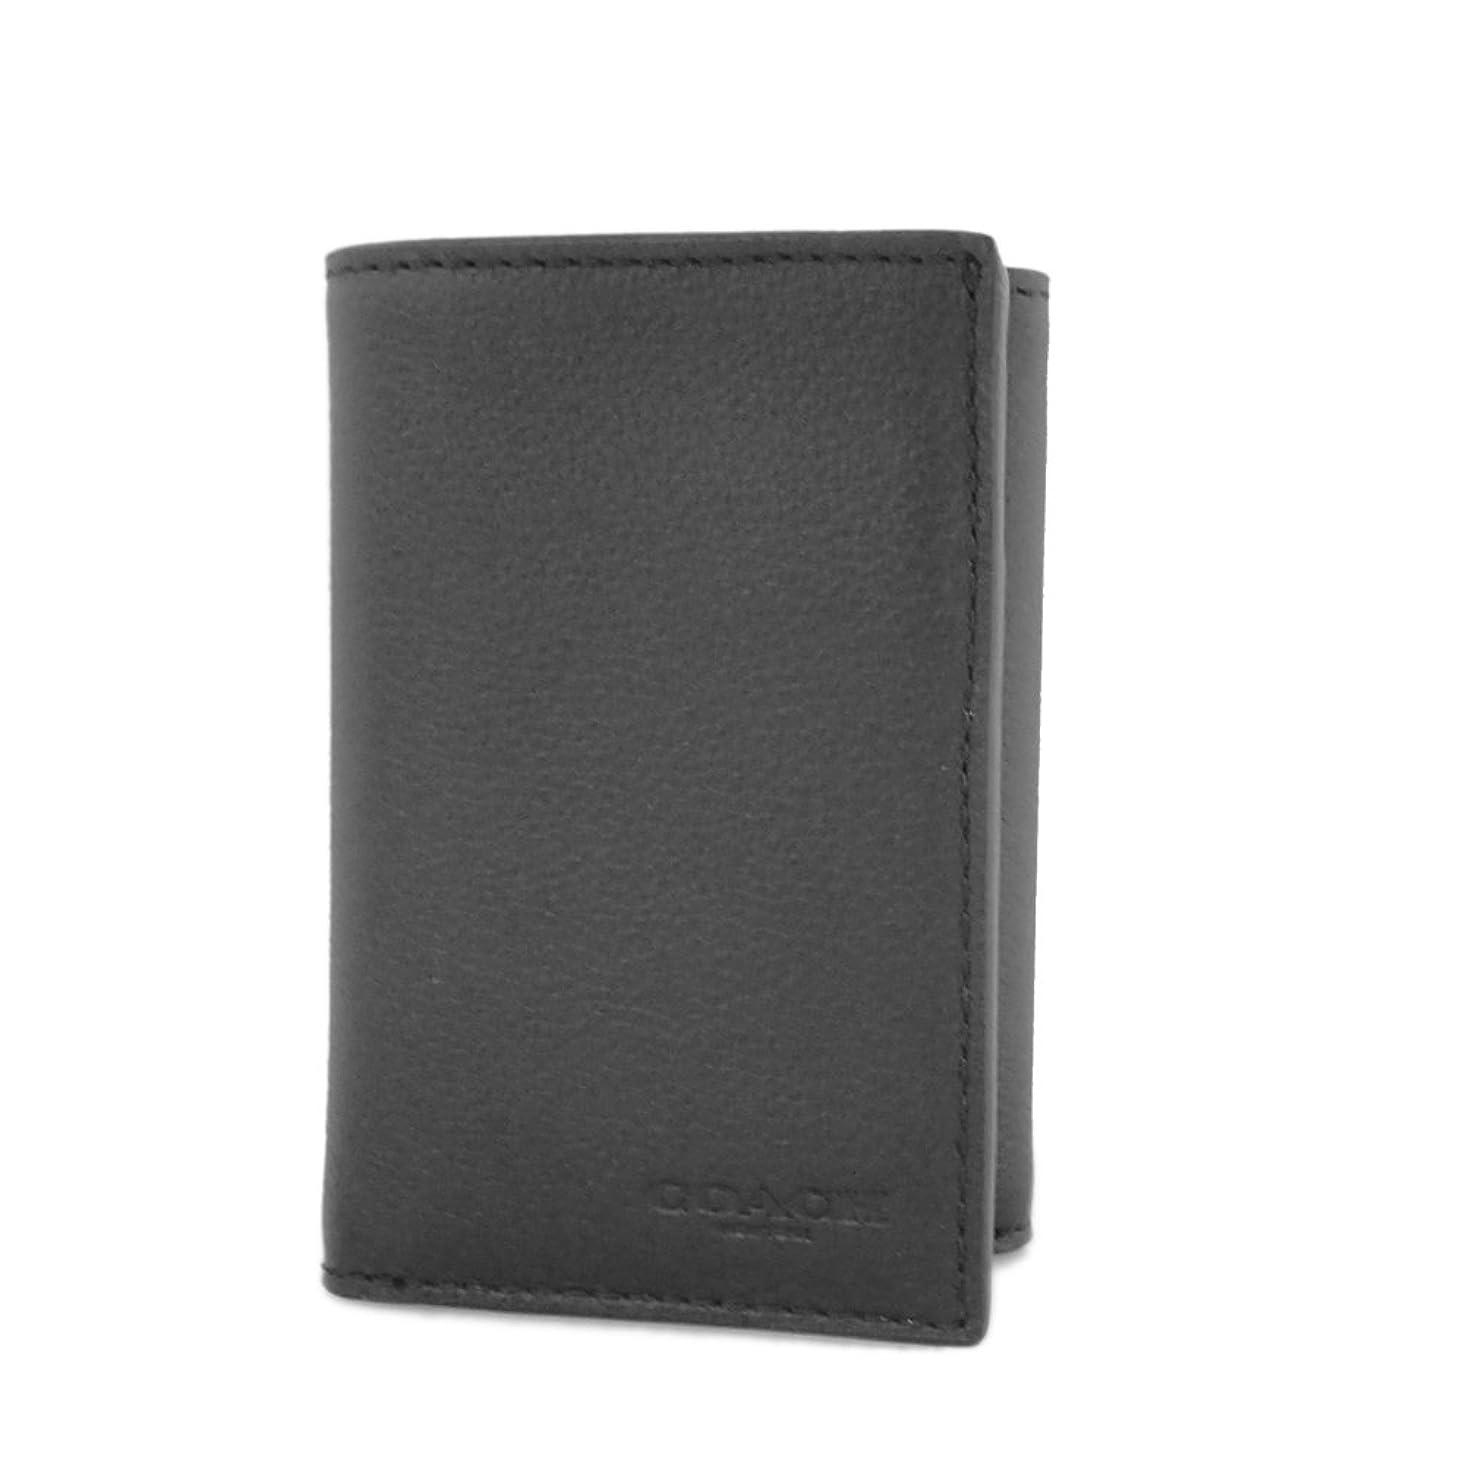 性差別閲覧する視線コーチ 財布 三つ折り財布 カードケース メンズ ブラック系 レザー F23845 [並行輸入品]